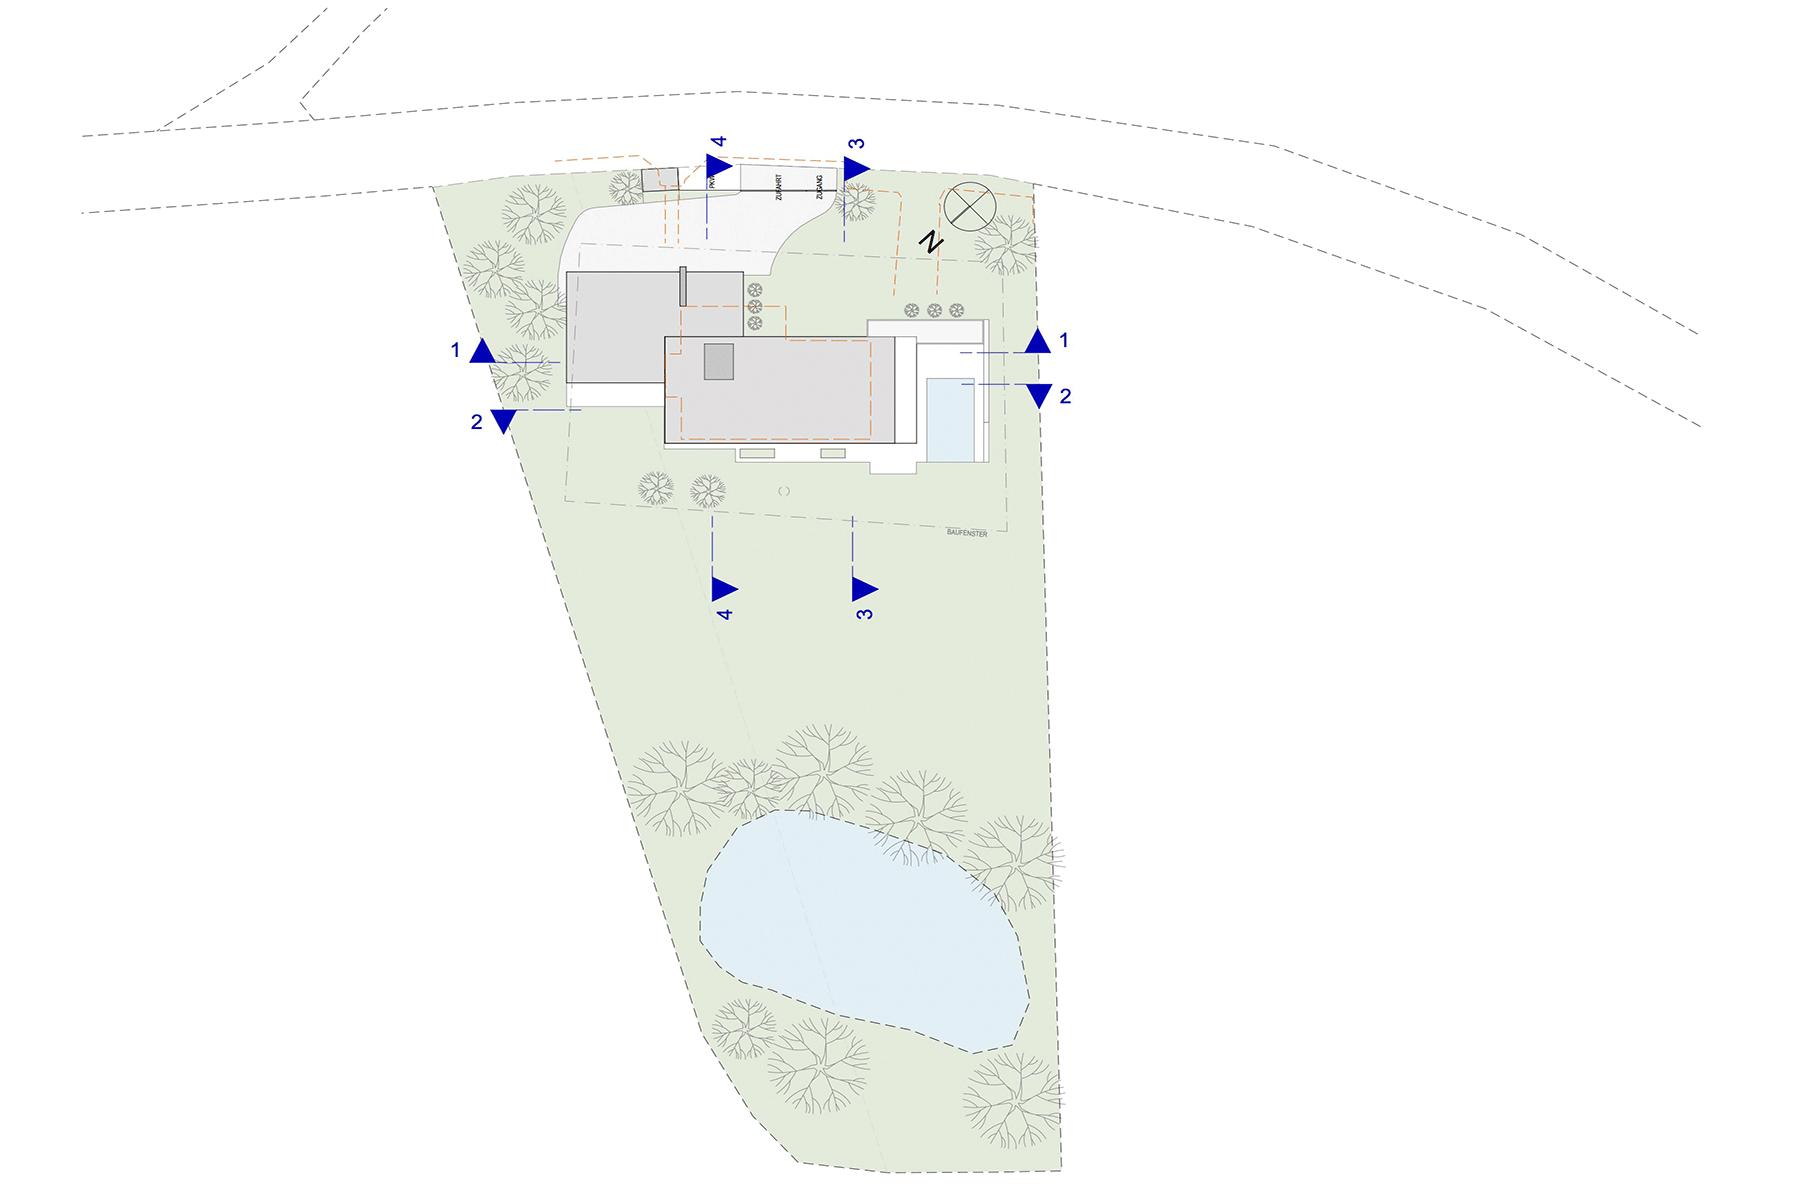 hausumbau, grundriss, architekt, haus, landleben, architektenhaus, peuerbach, umbau, zubau, sanierung, villa, pool, sonnenterrasse, familie, garten, oase